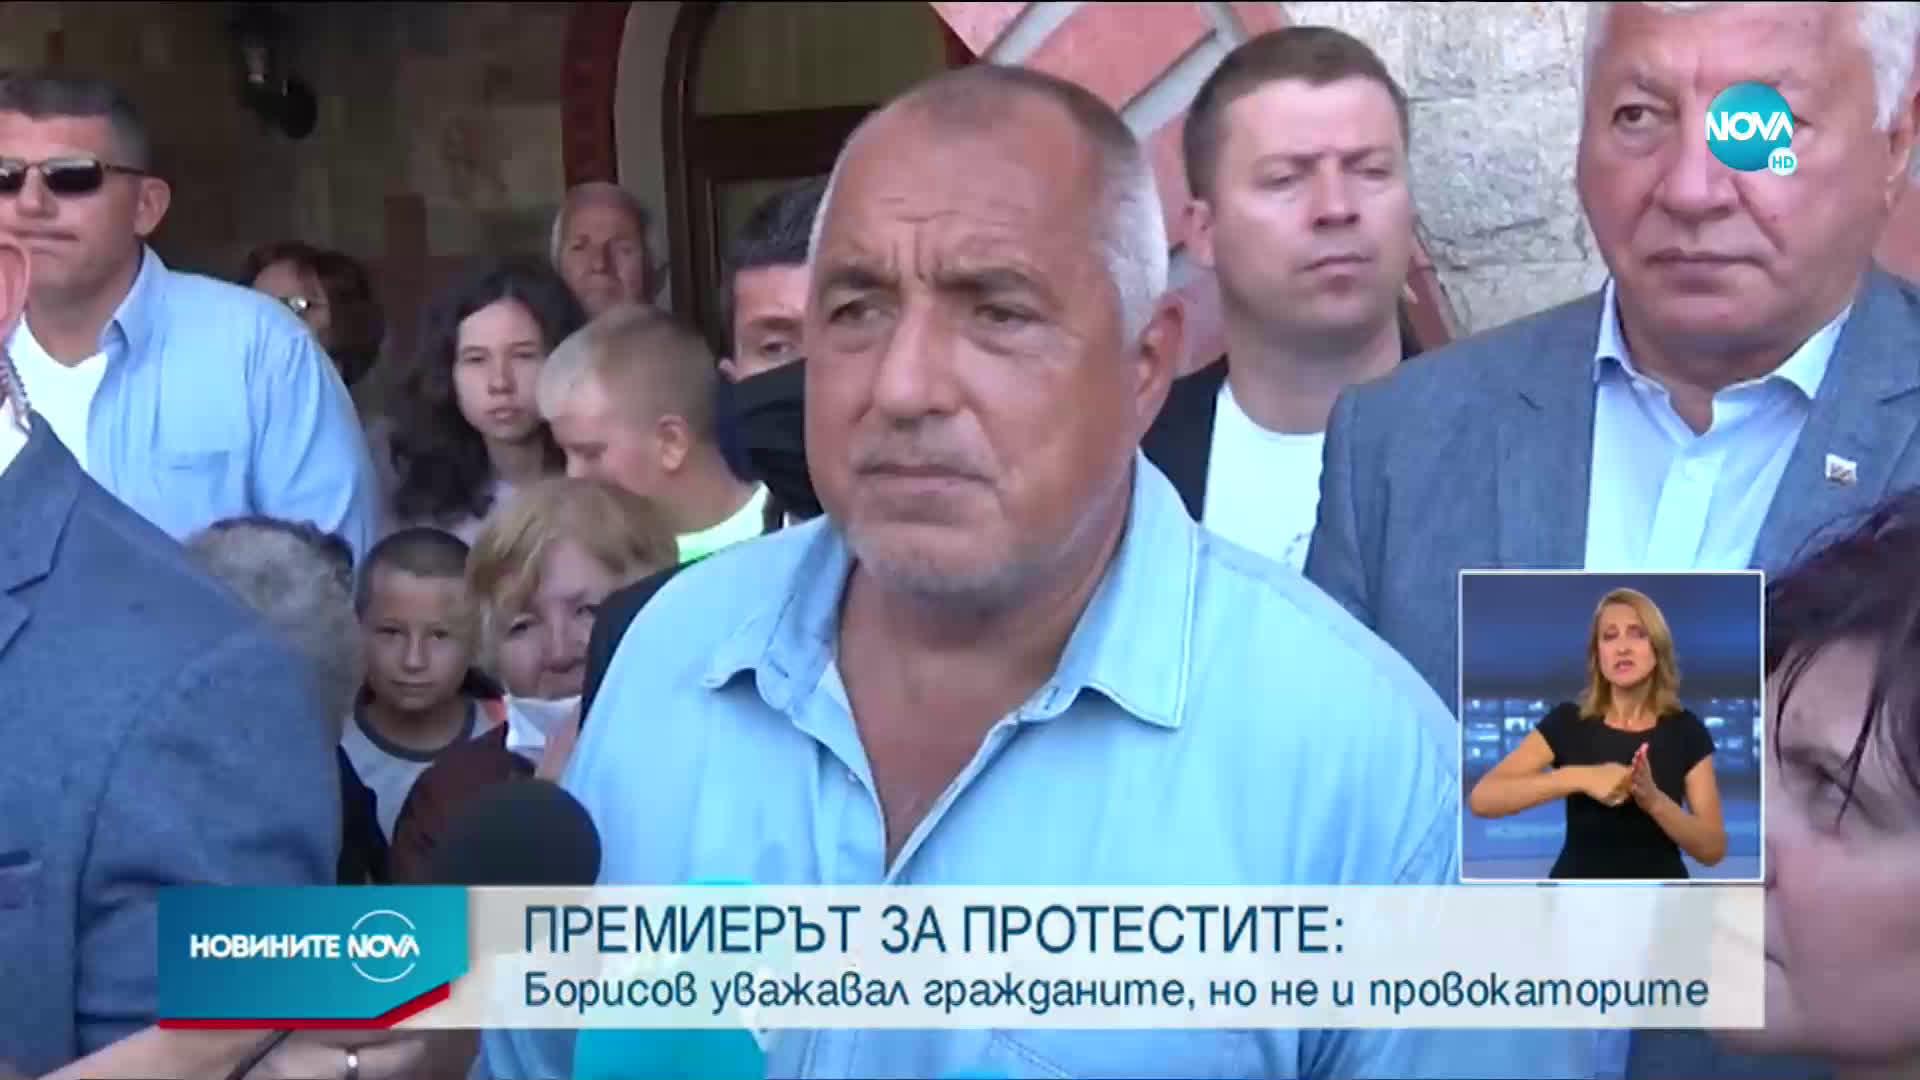 Борисов за протестите: Полицаите бяха атакувани с ярост